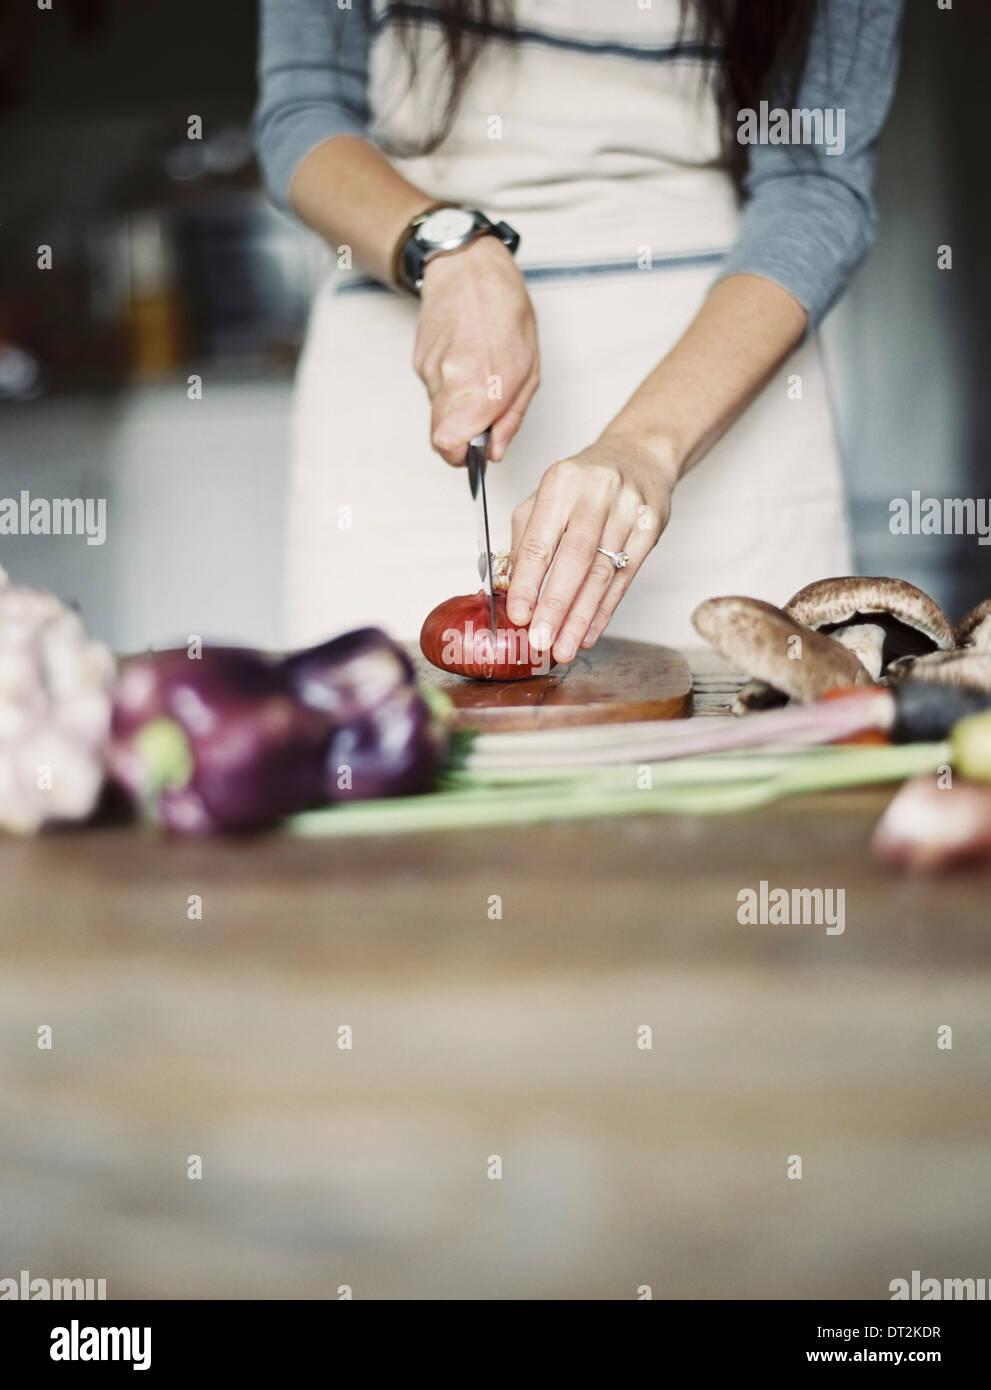 Una cocina doméstica una mesa joven picar verduras frescas con un cuchillo Imagen De Stock